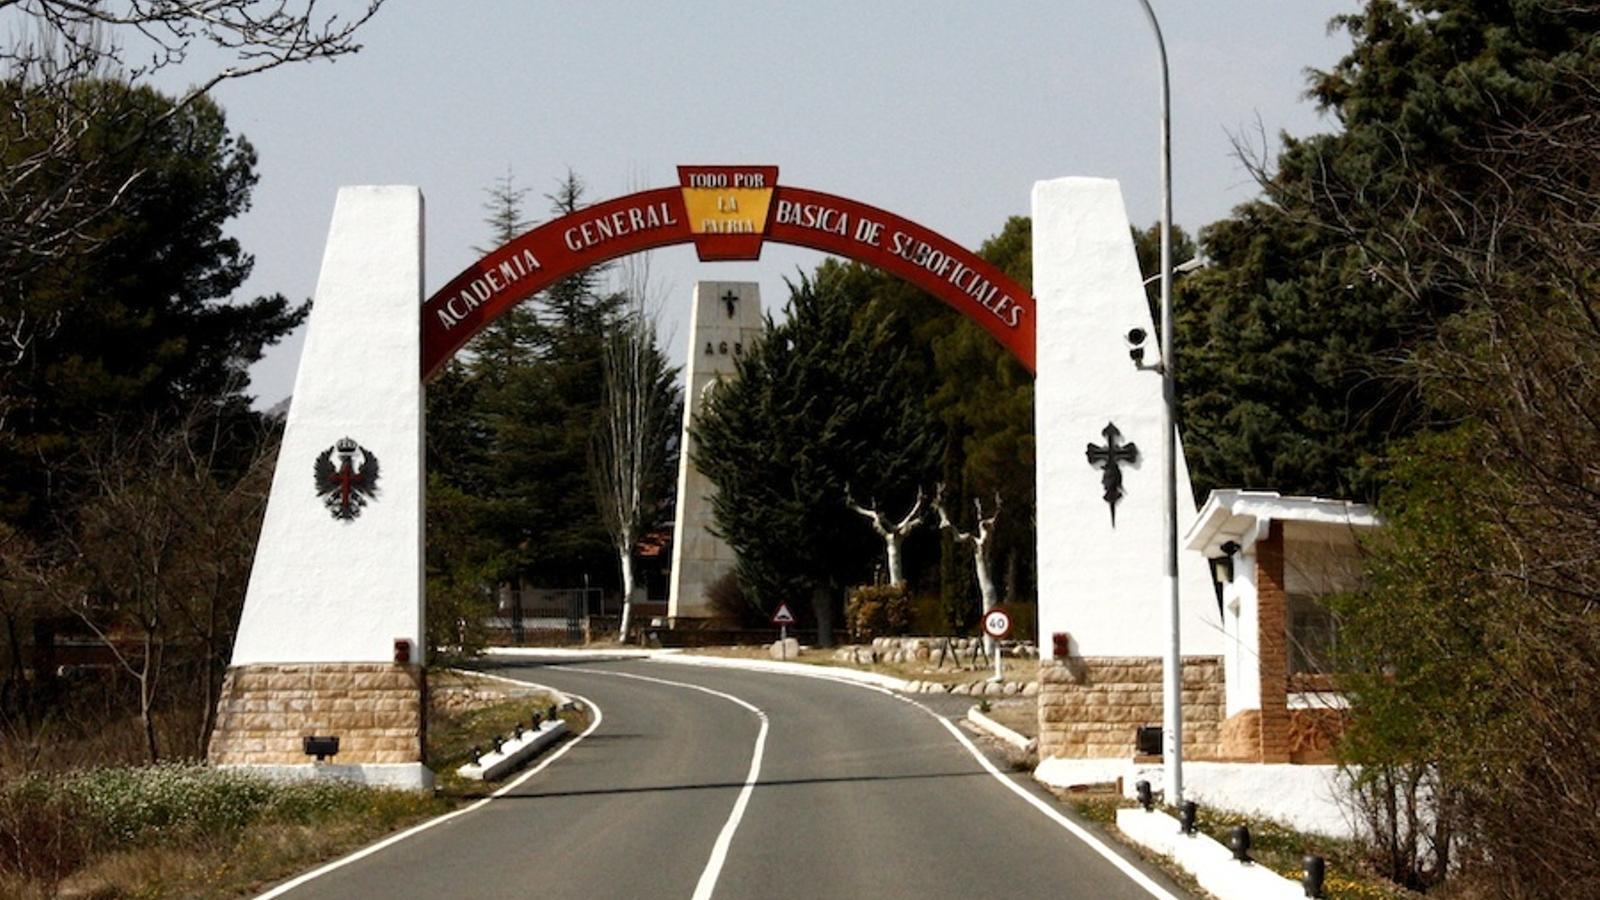 L'entrada de l'acadèmia militarn de Talarn, en una imatge d'arxiu